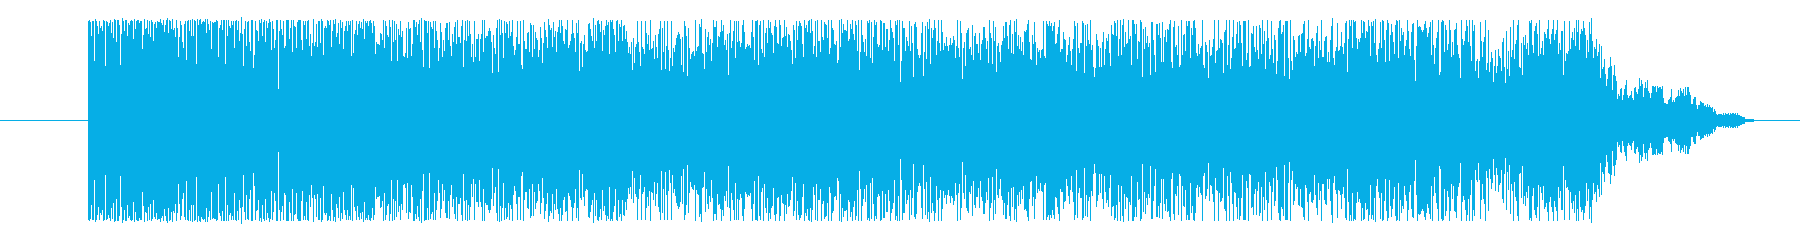 ゲーム 激しいハード03の再生済みの波形